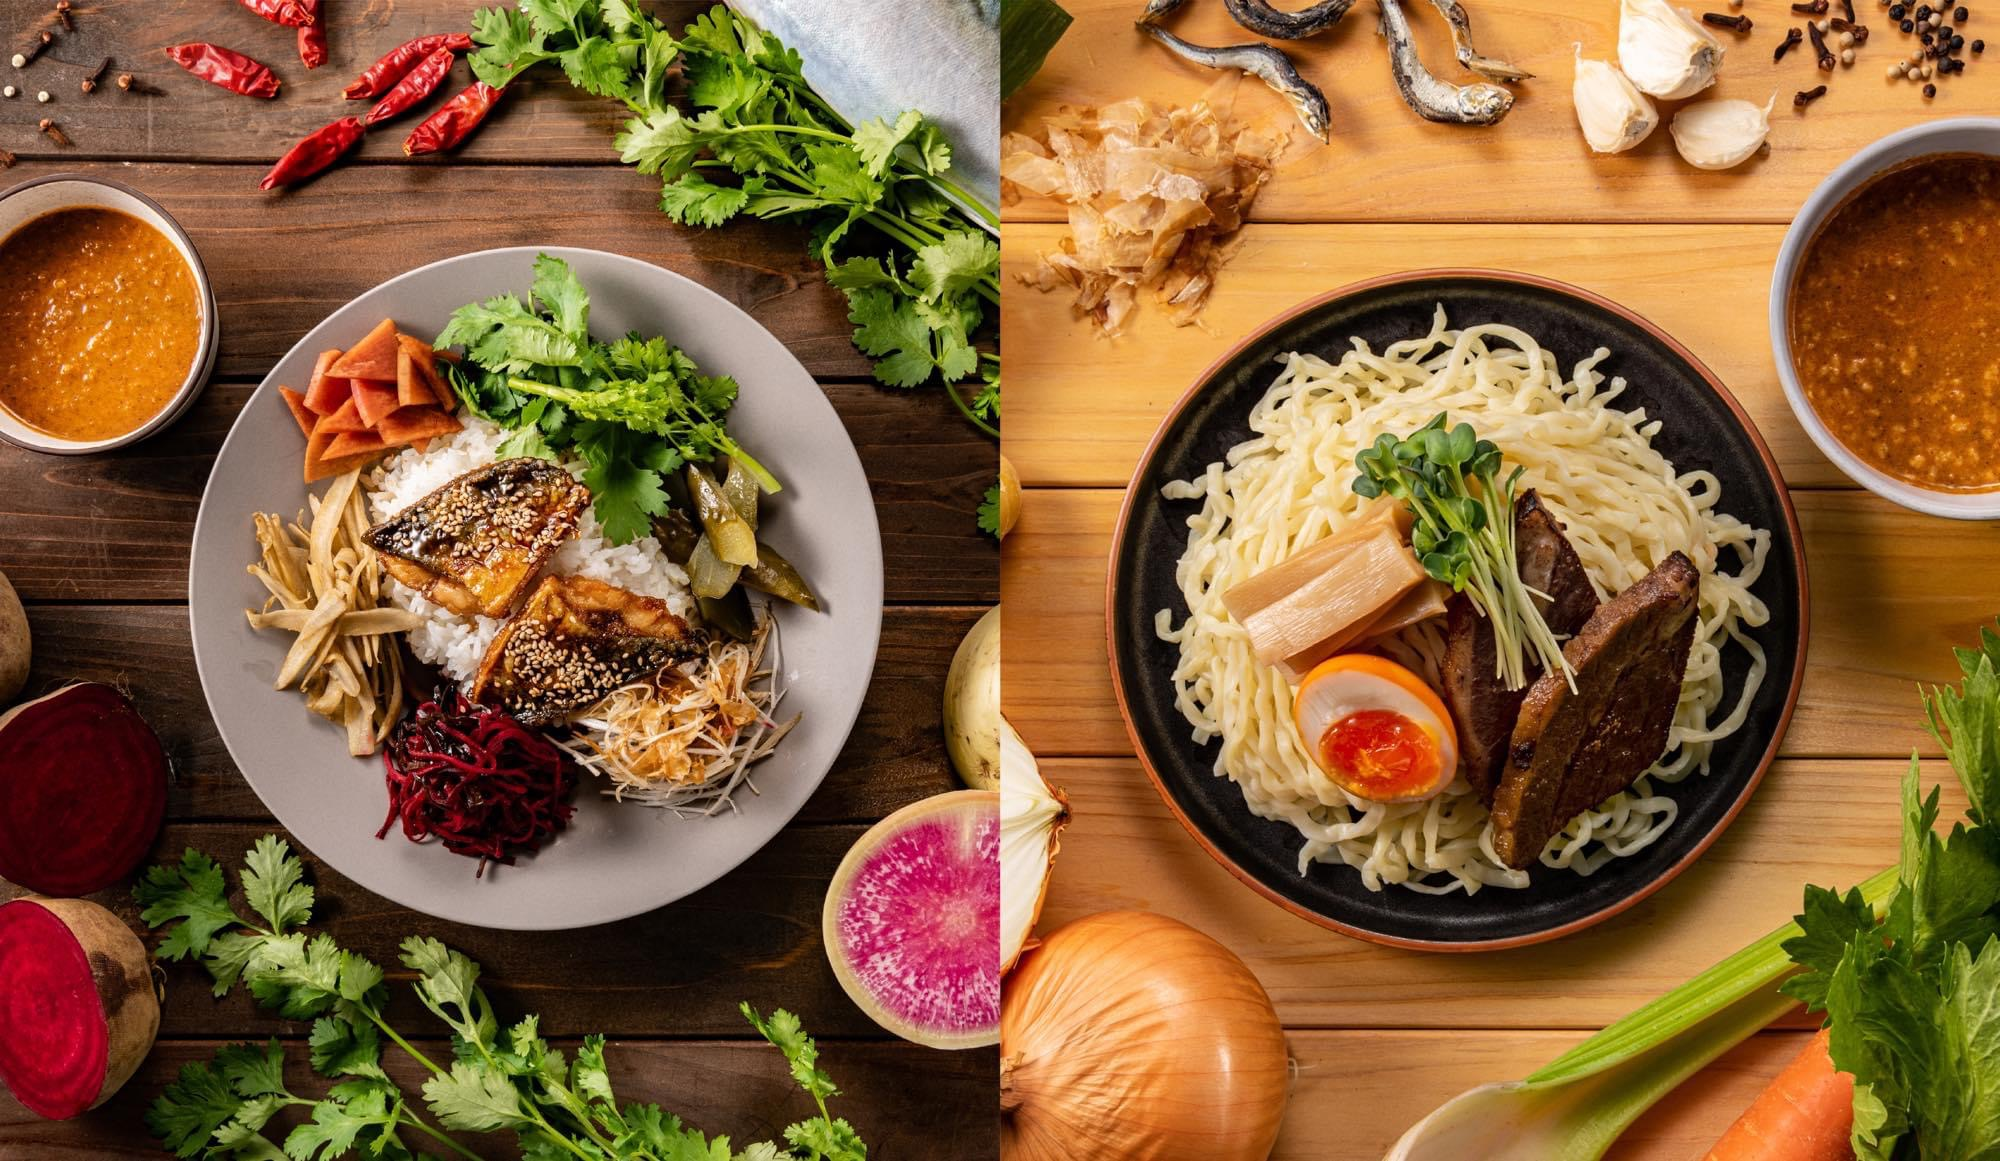 ゴーストレストラン「テリヤキ食堂」のカレー弁当